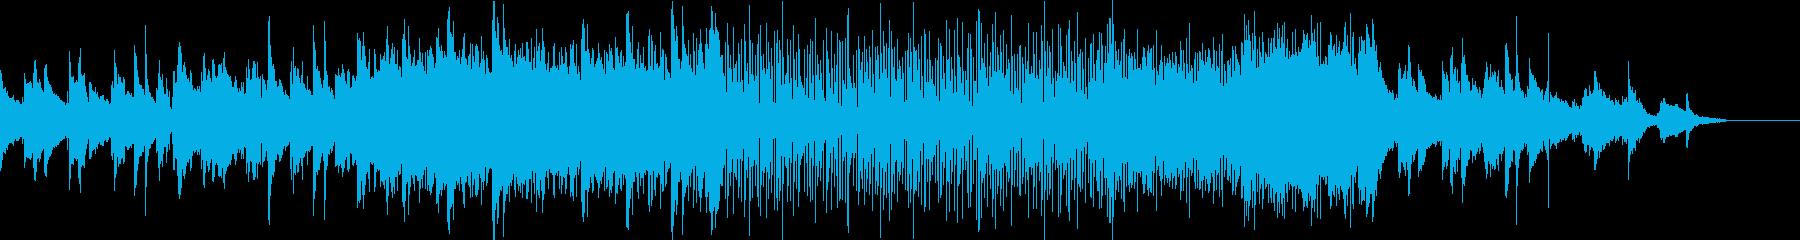 海の生物が住む世界を電子ピアノで表現の再生済みの波形